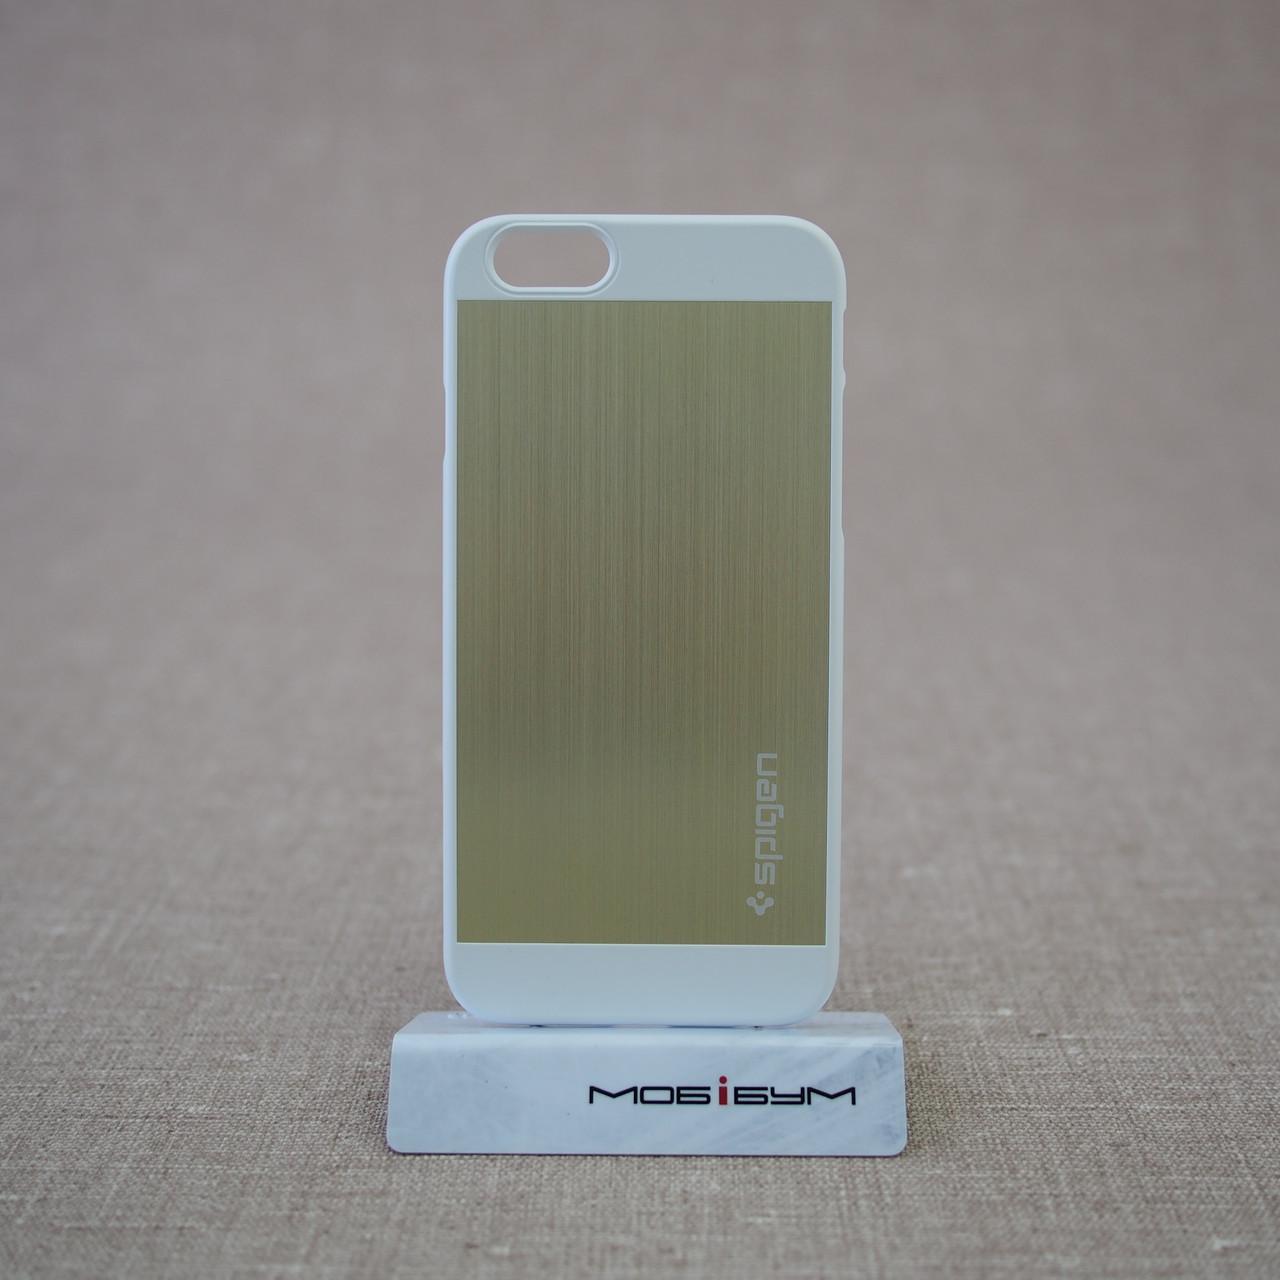 the latest c6a9c 08a7f Чехол Spigen Aluminum Fit iPhone 6 champagne gold (SGP10945) EAN/UPC:  8809404212673